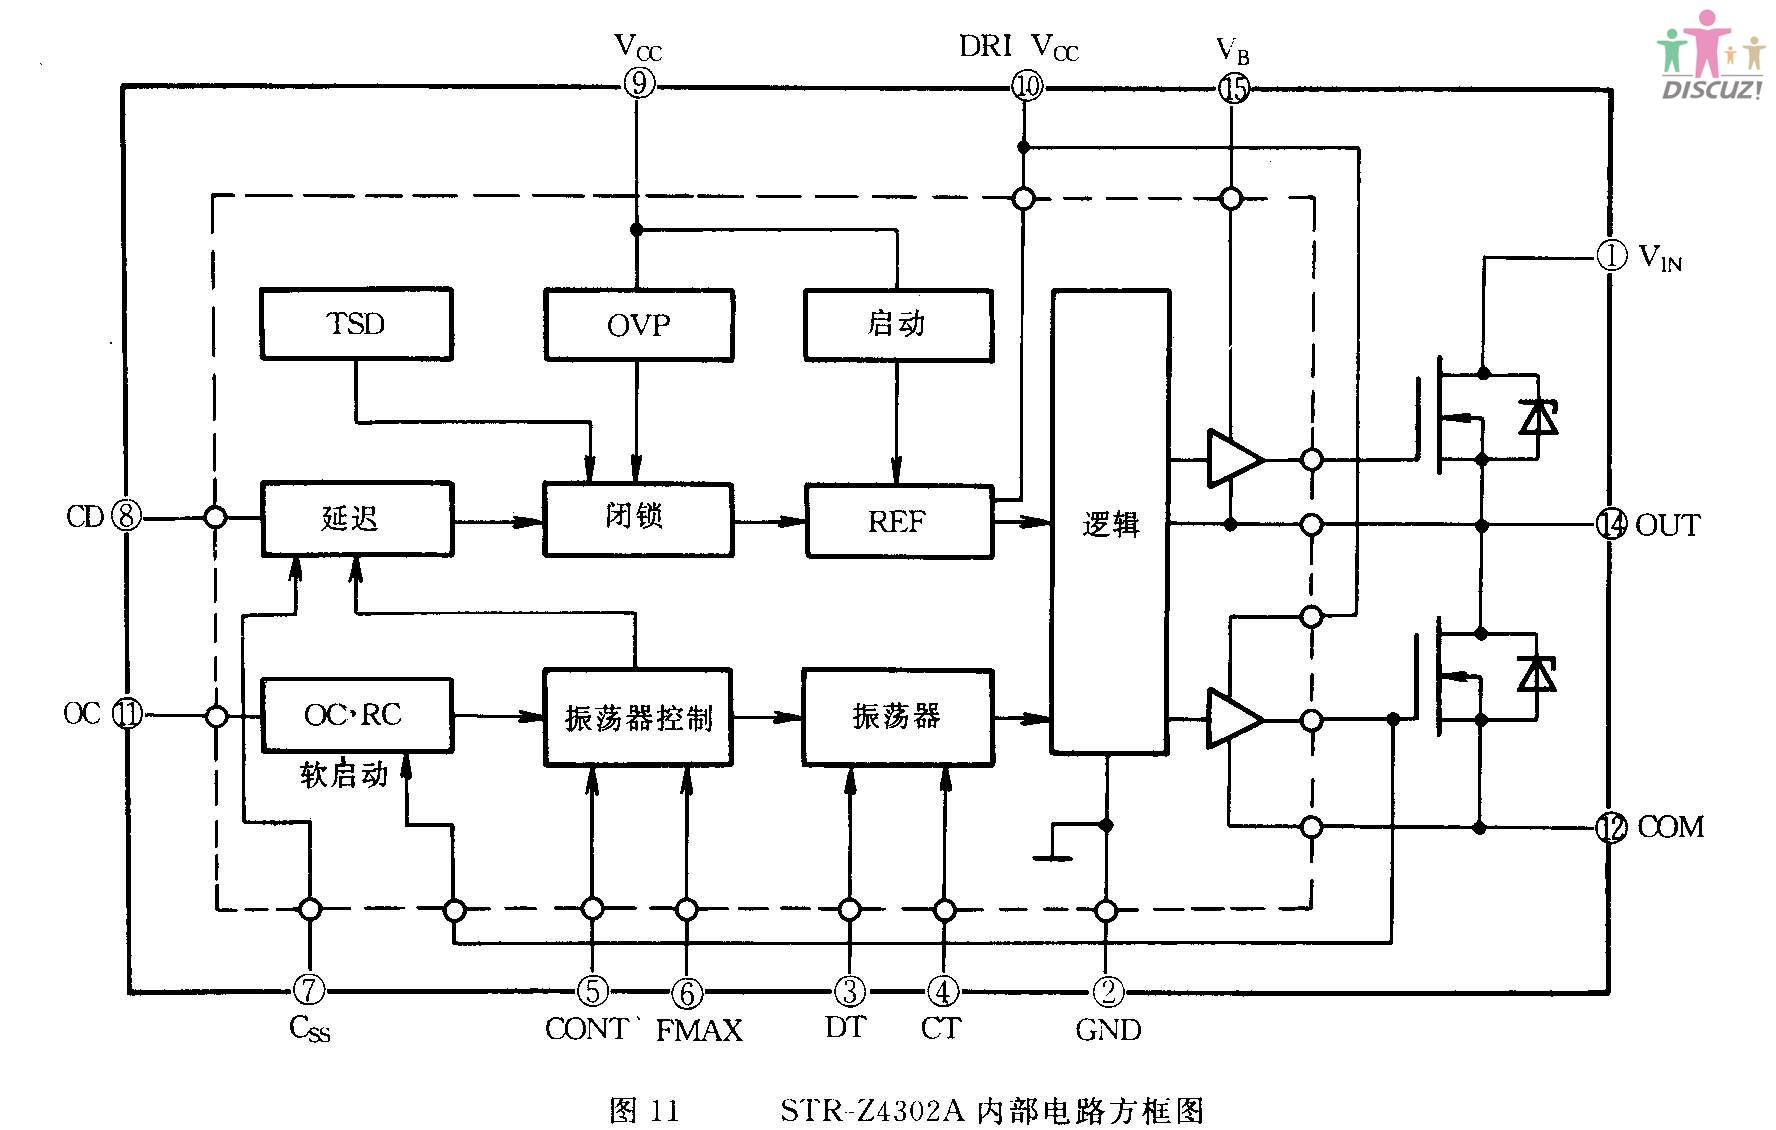 海信内部组织结构图